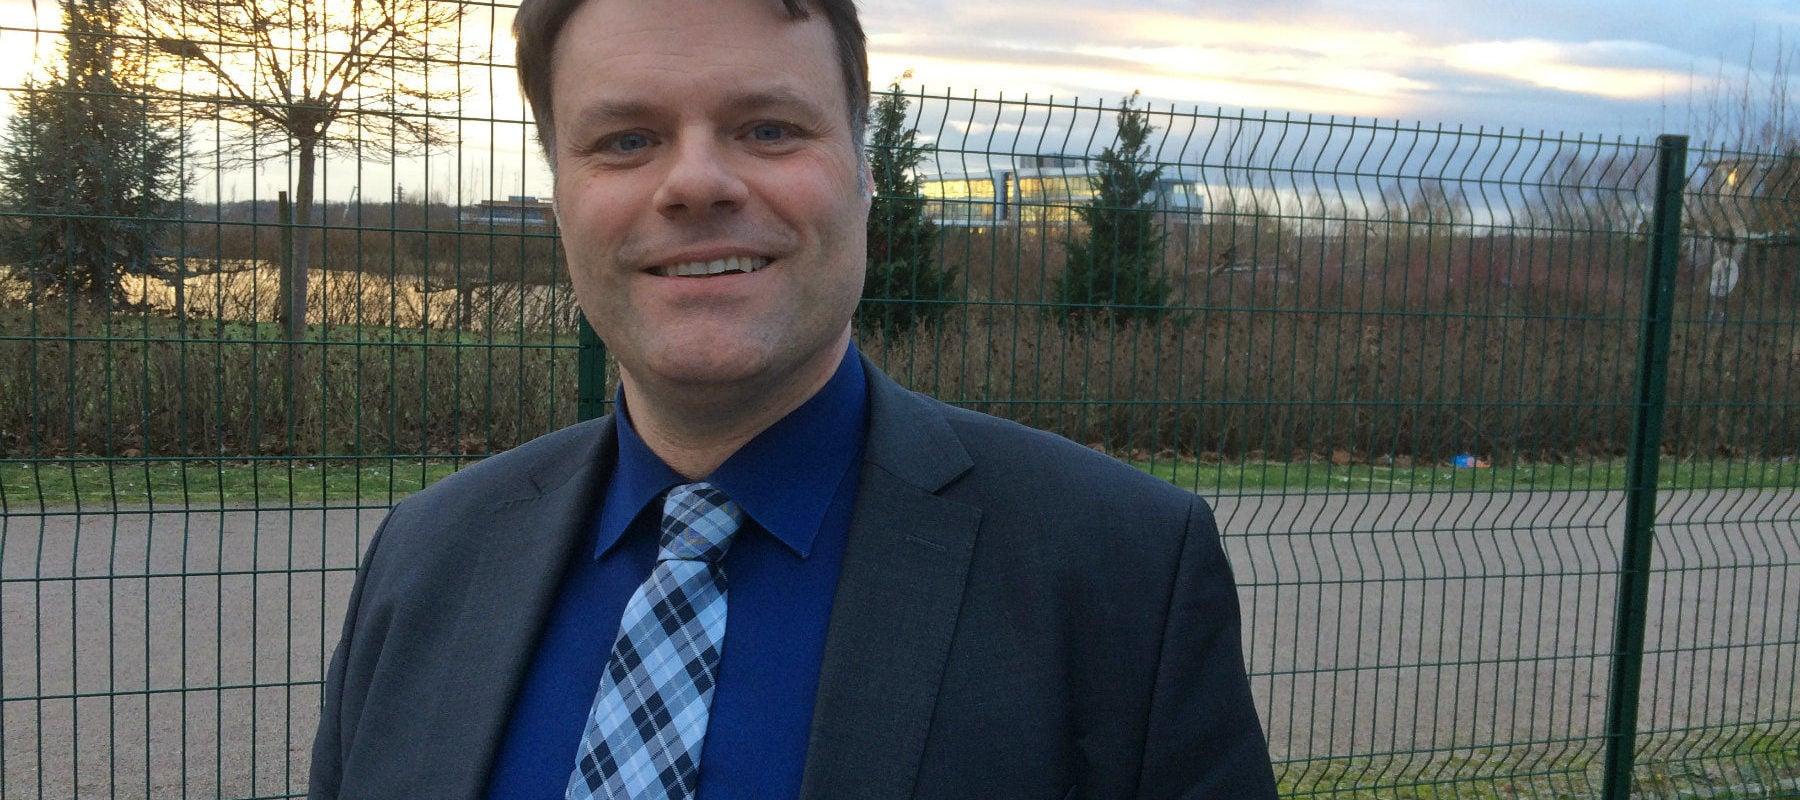 Élections municipales à Schiltigheim : Christian Ball arrive en tête avec 35% des voix